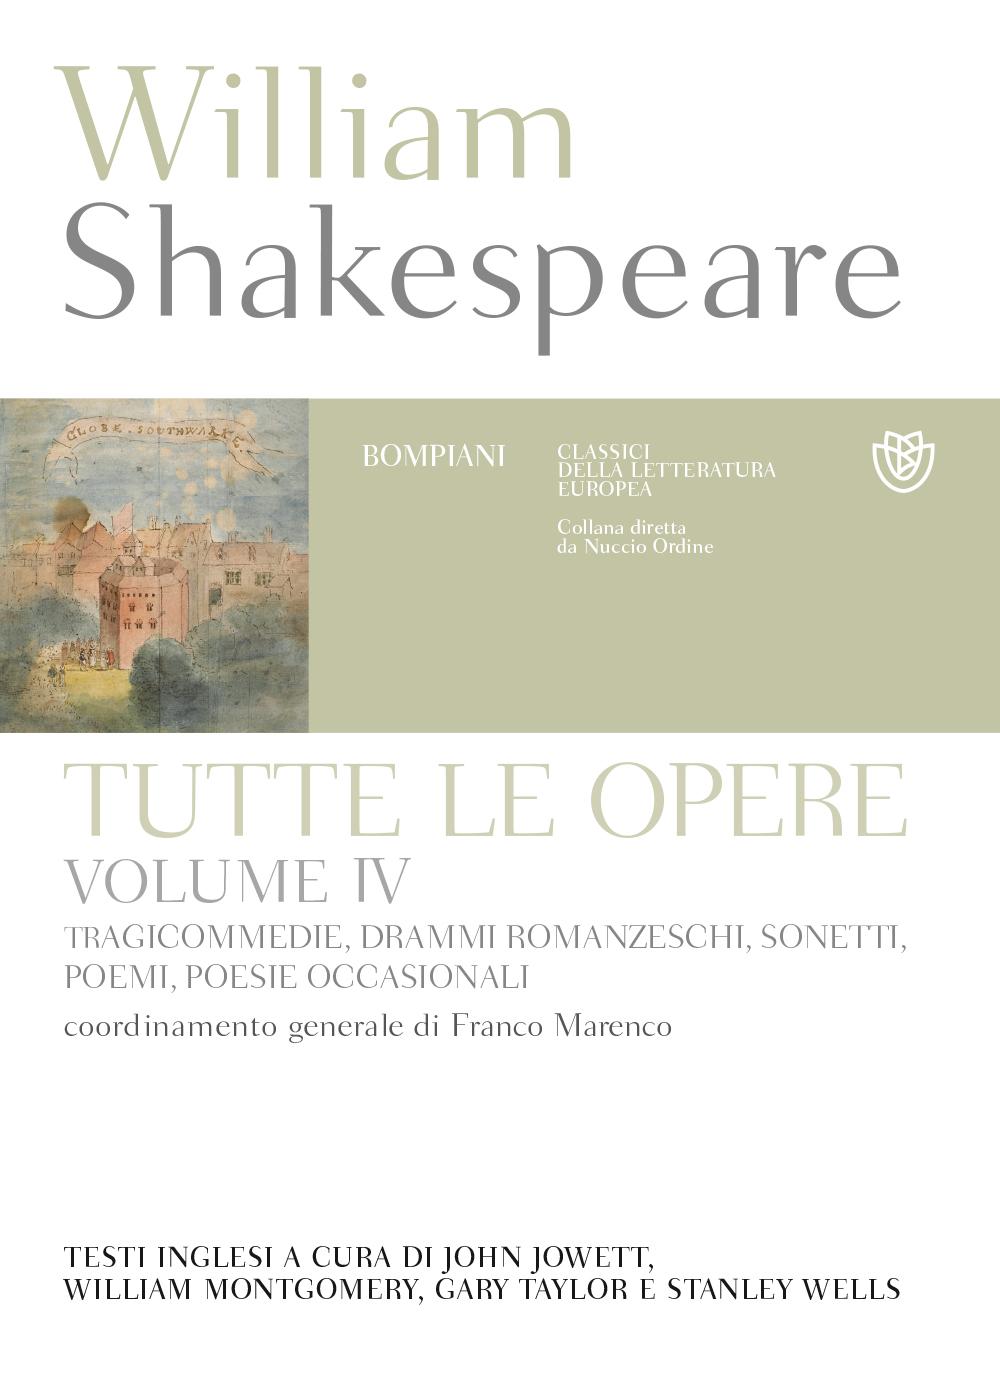 Tutte le opere. Vol. 4: Tragicommedie, drammi romanzeschi, sonetti, poemi, poesie occasionali